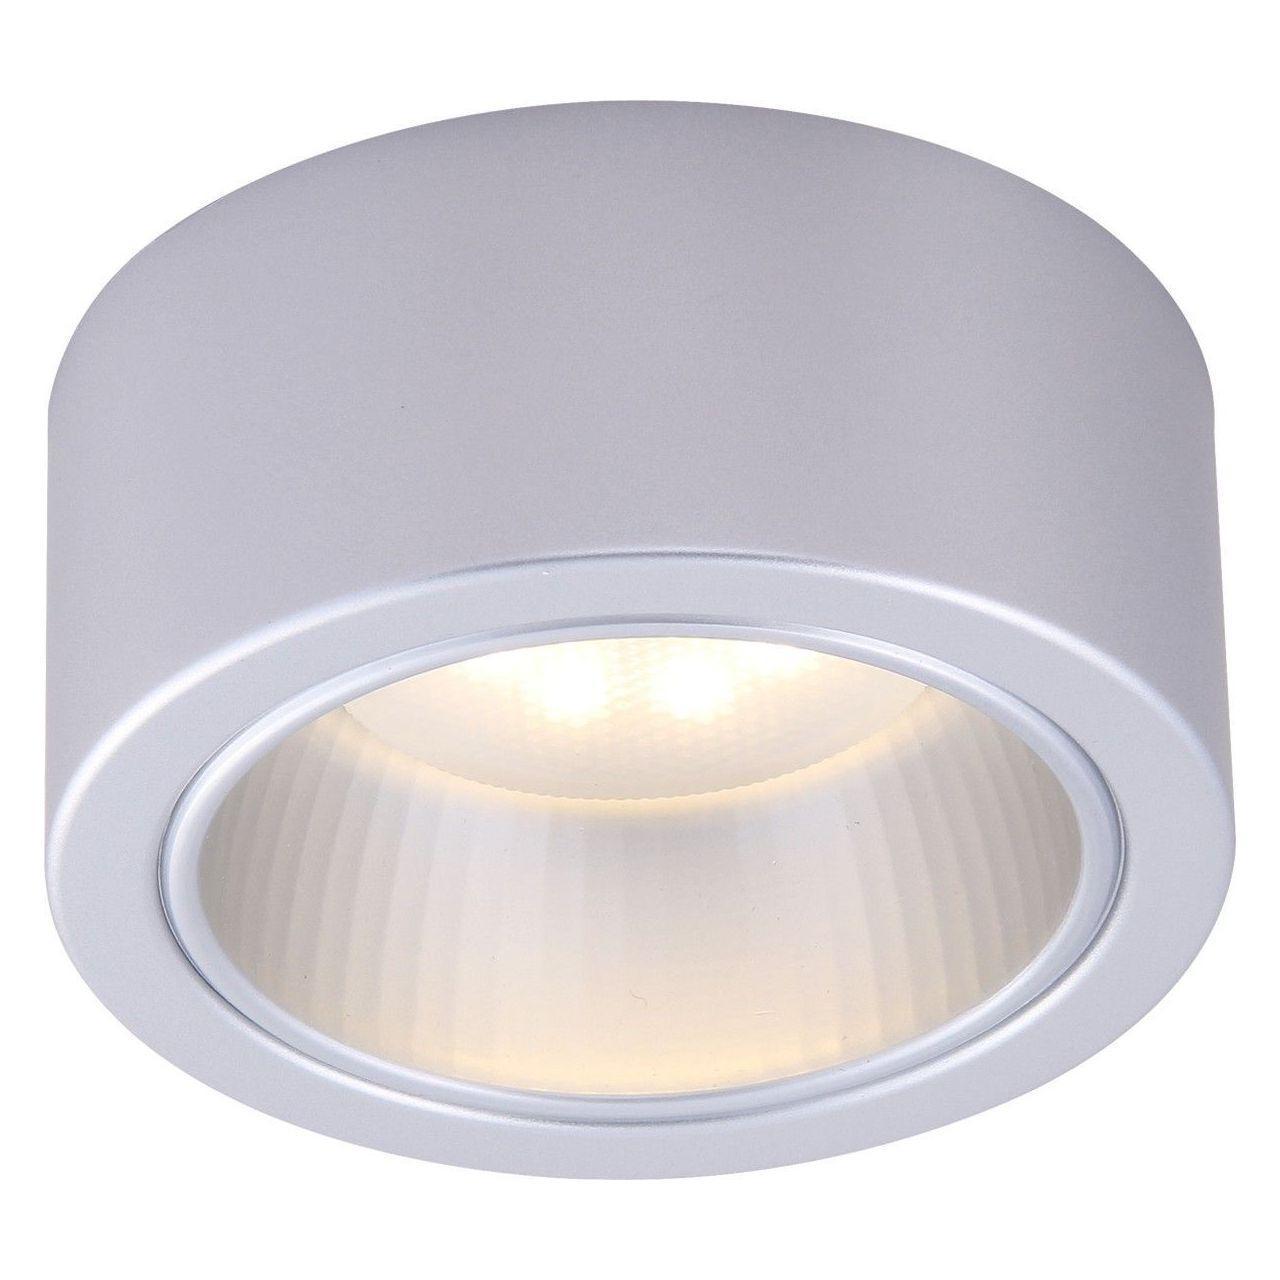 Потолочный светильник Arte Lamp Effetto A5553PL-1GY стоимость